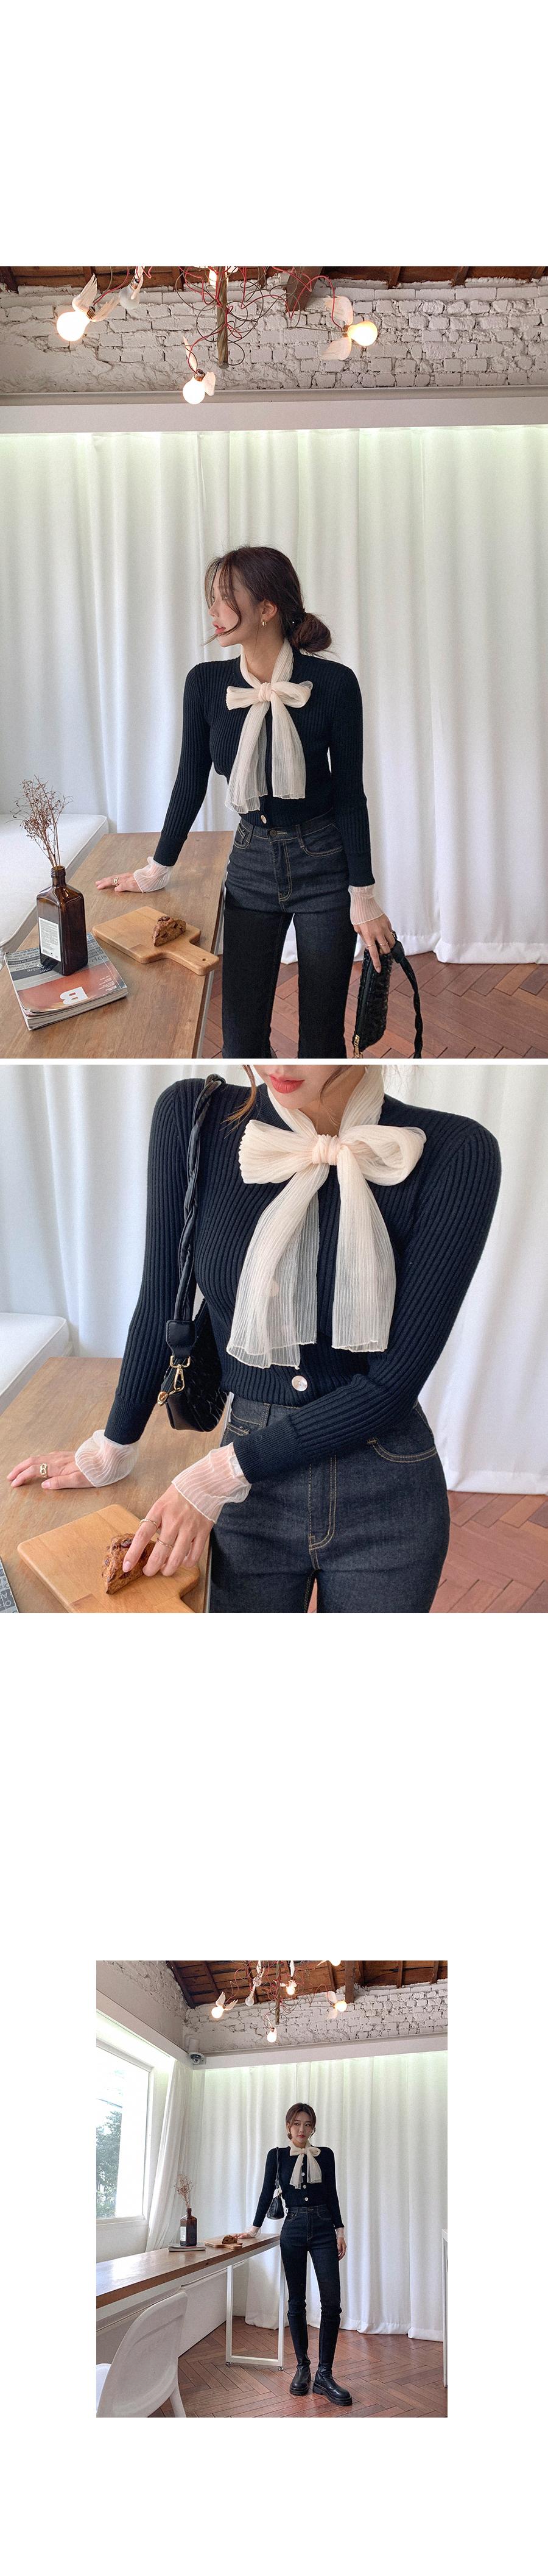 Shy ribbon knit cardigan